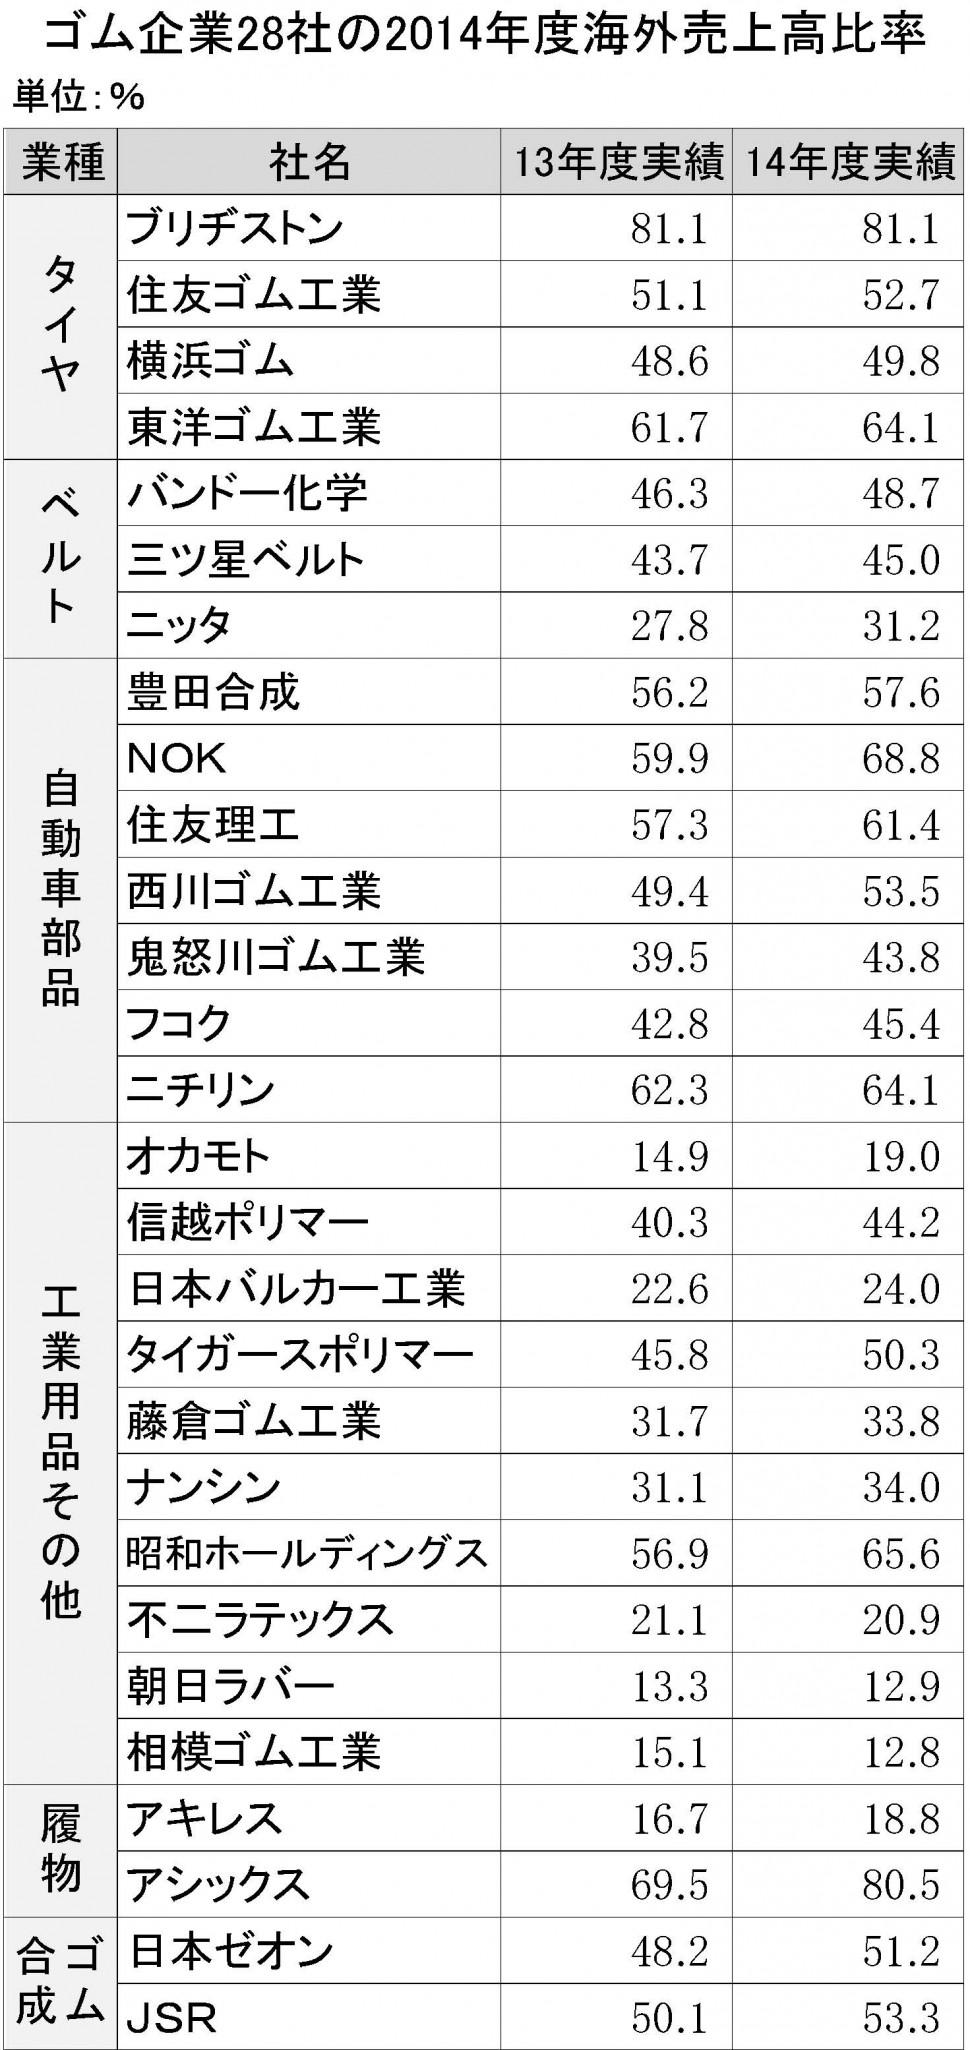 ゴム企業28社の2014年度海外売上高比率